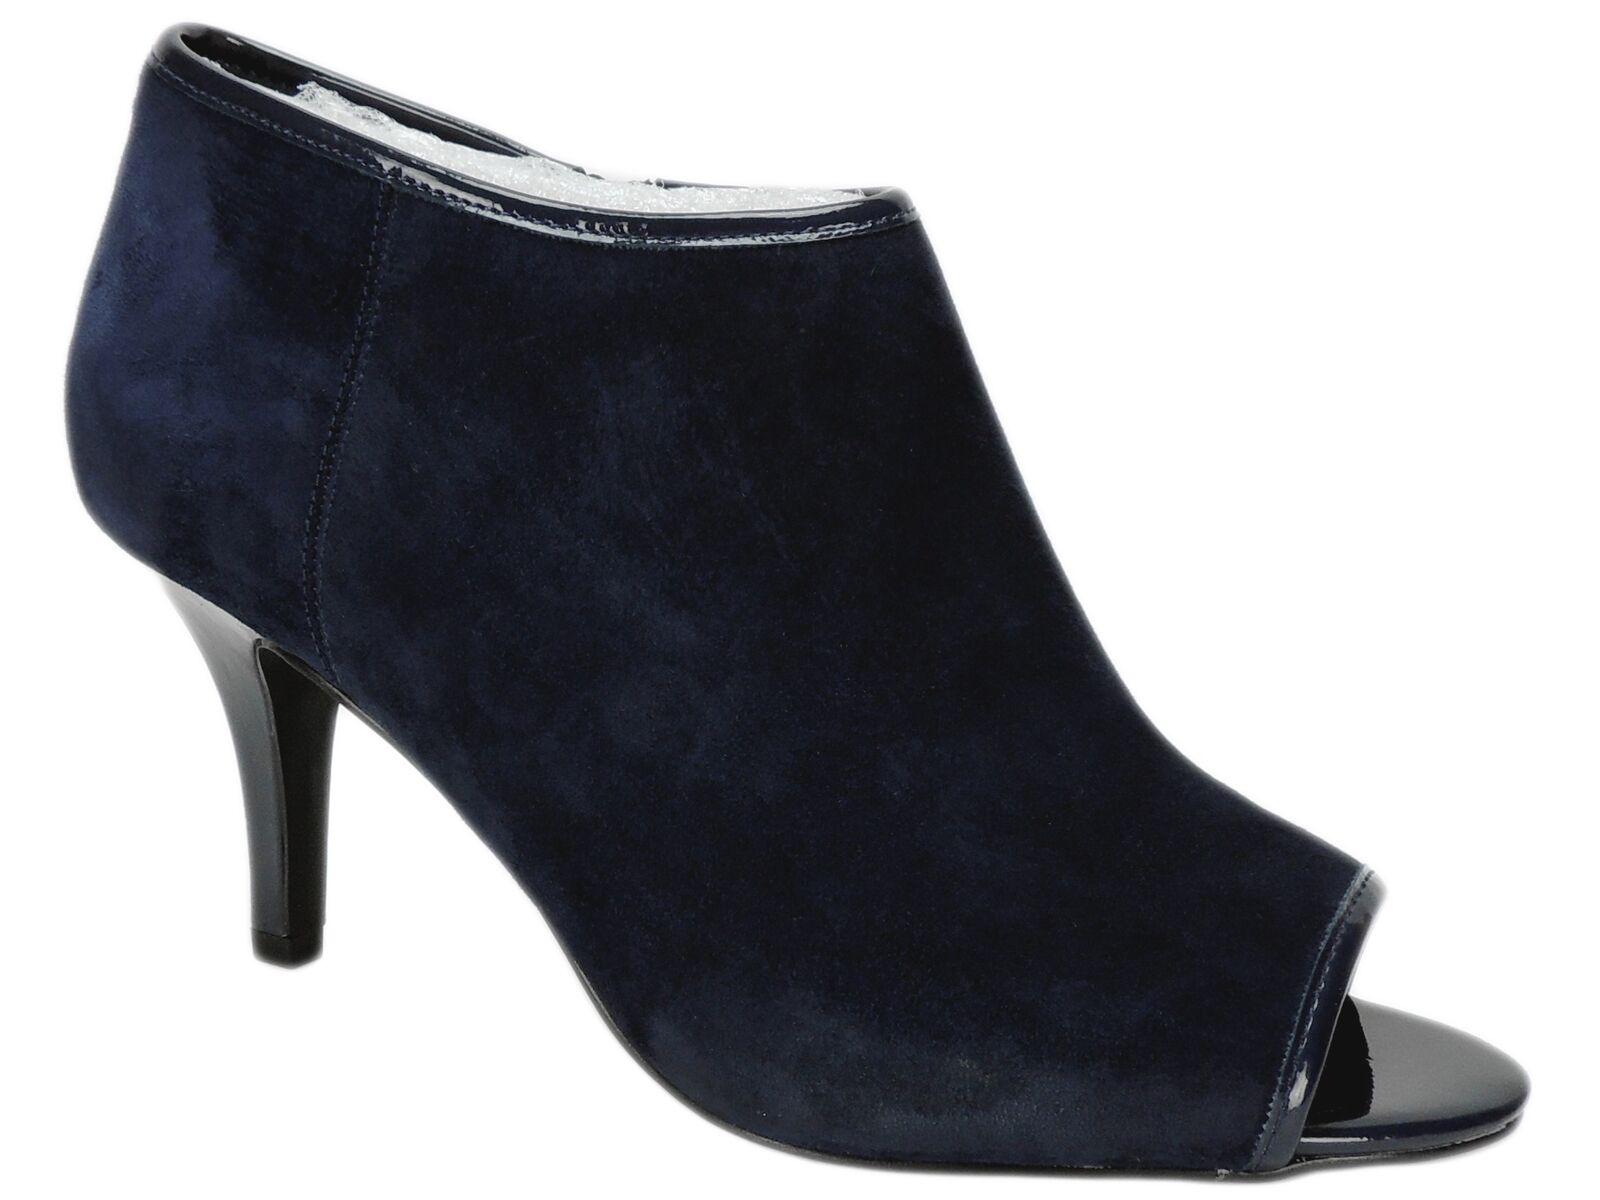 Bandolino Botines para mujer de de de vestido Maiba Azul Marino Talla 10 M a837d2